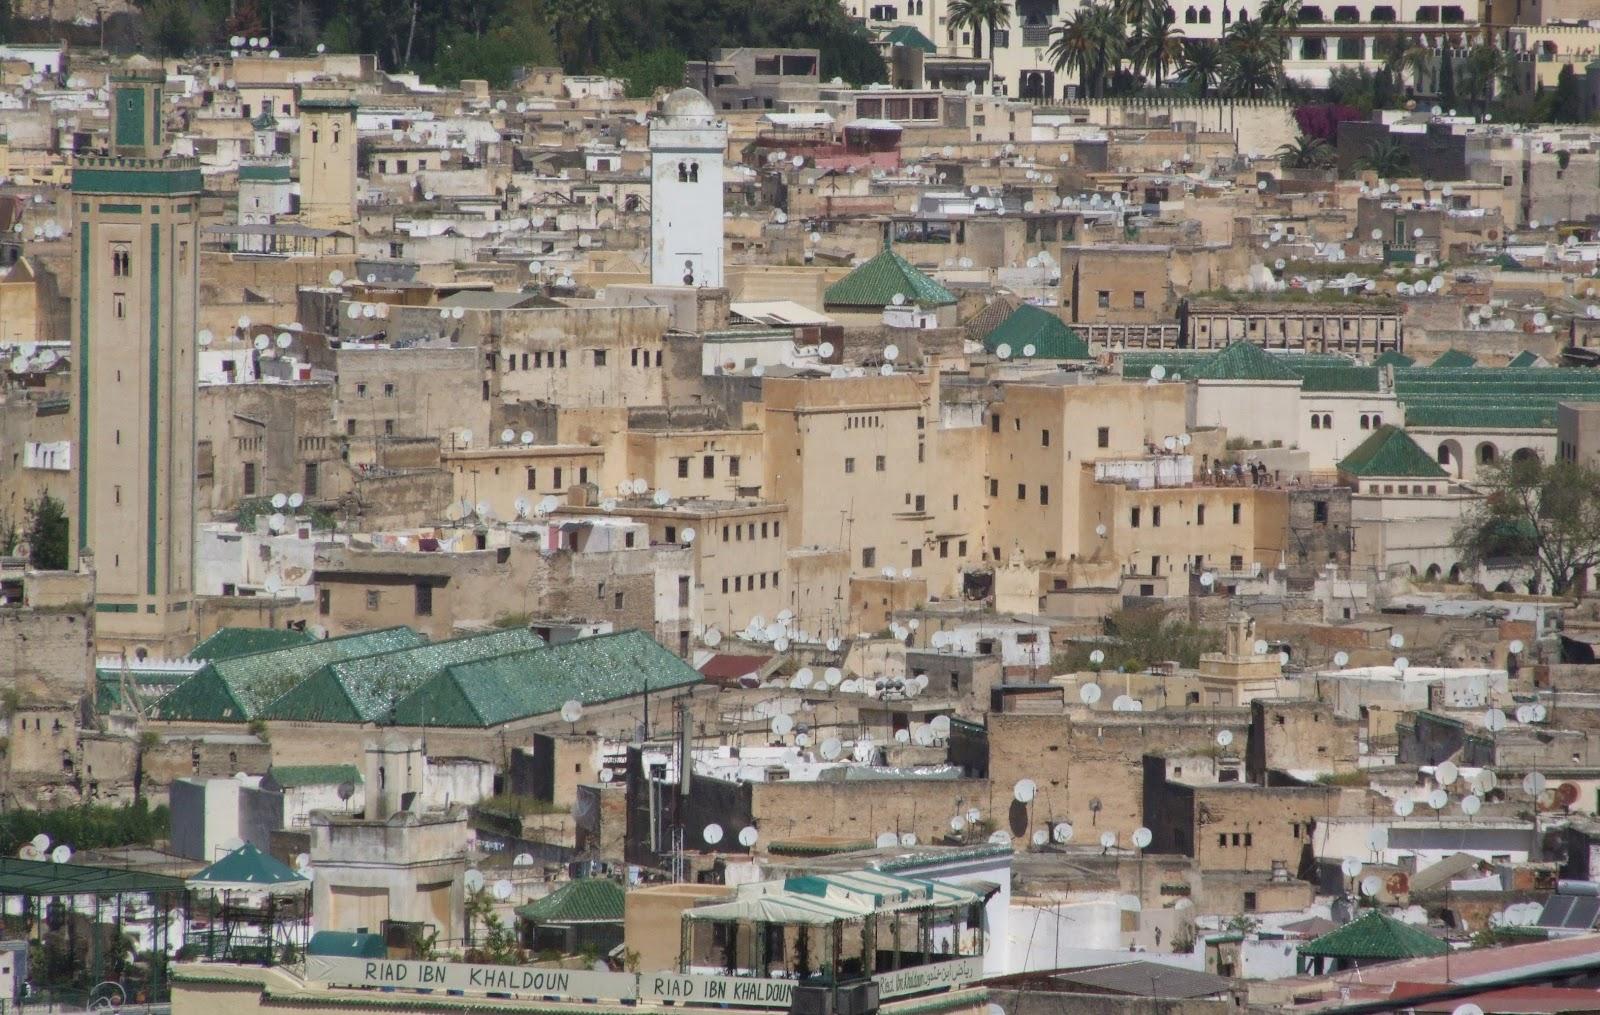 Di qua e di la: la medina di fes the medina of fez marocco